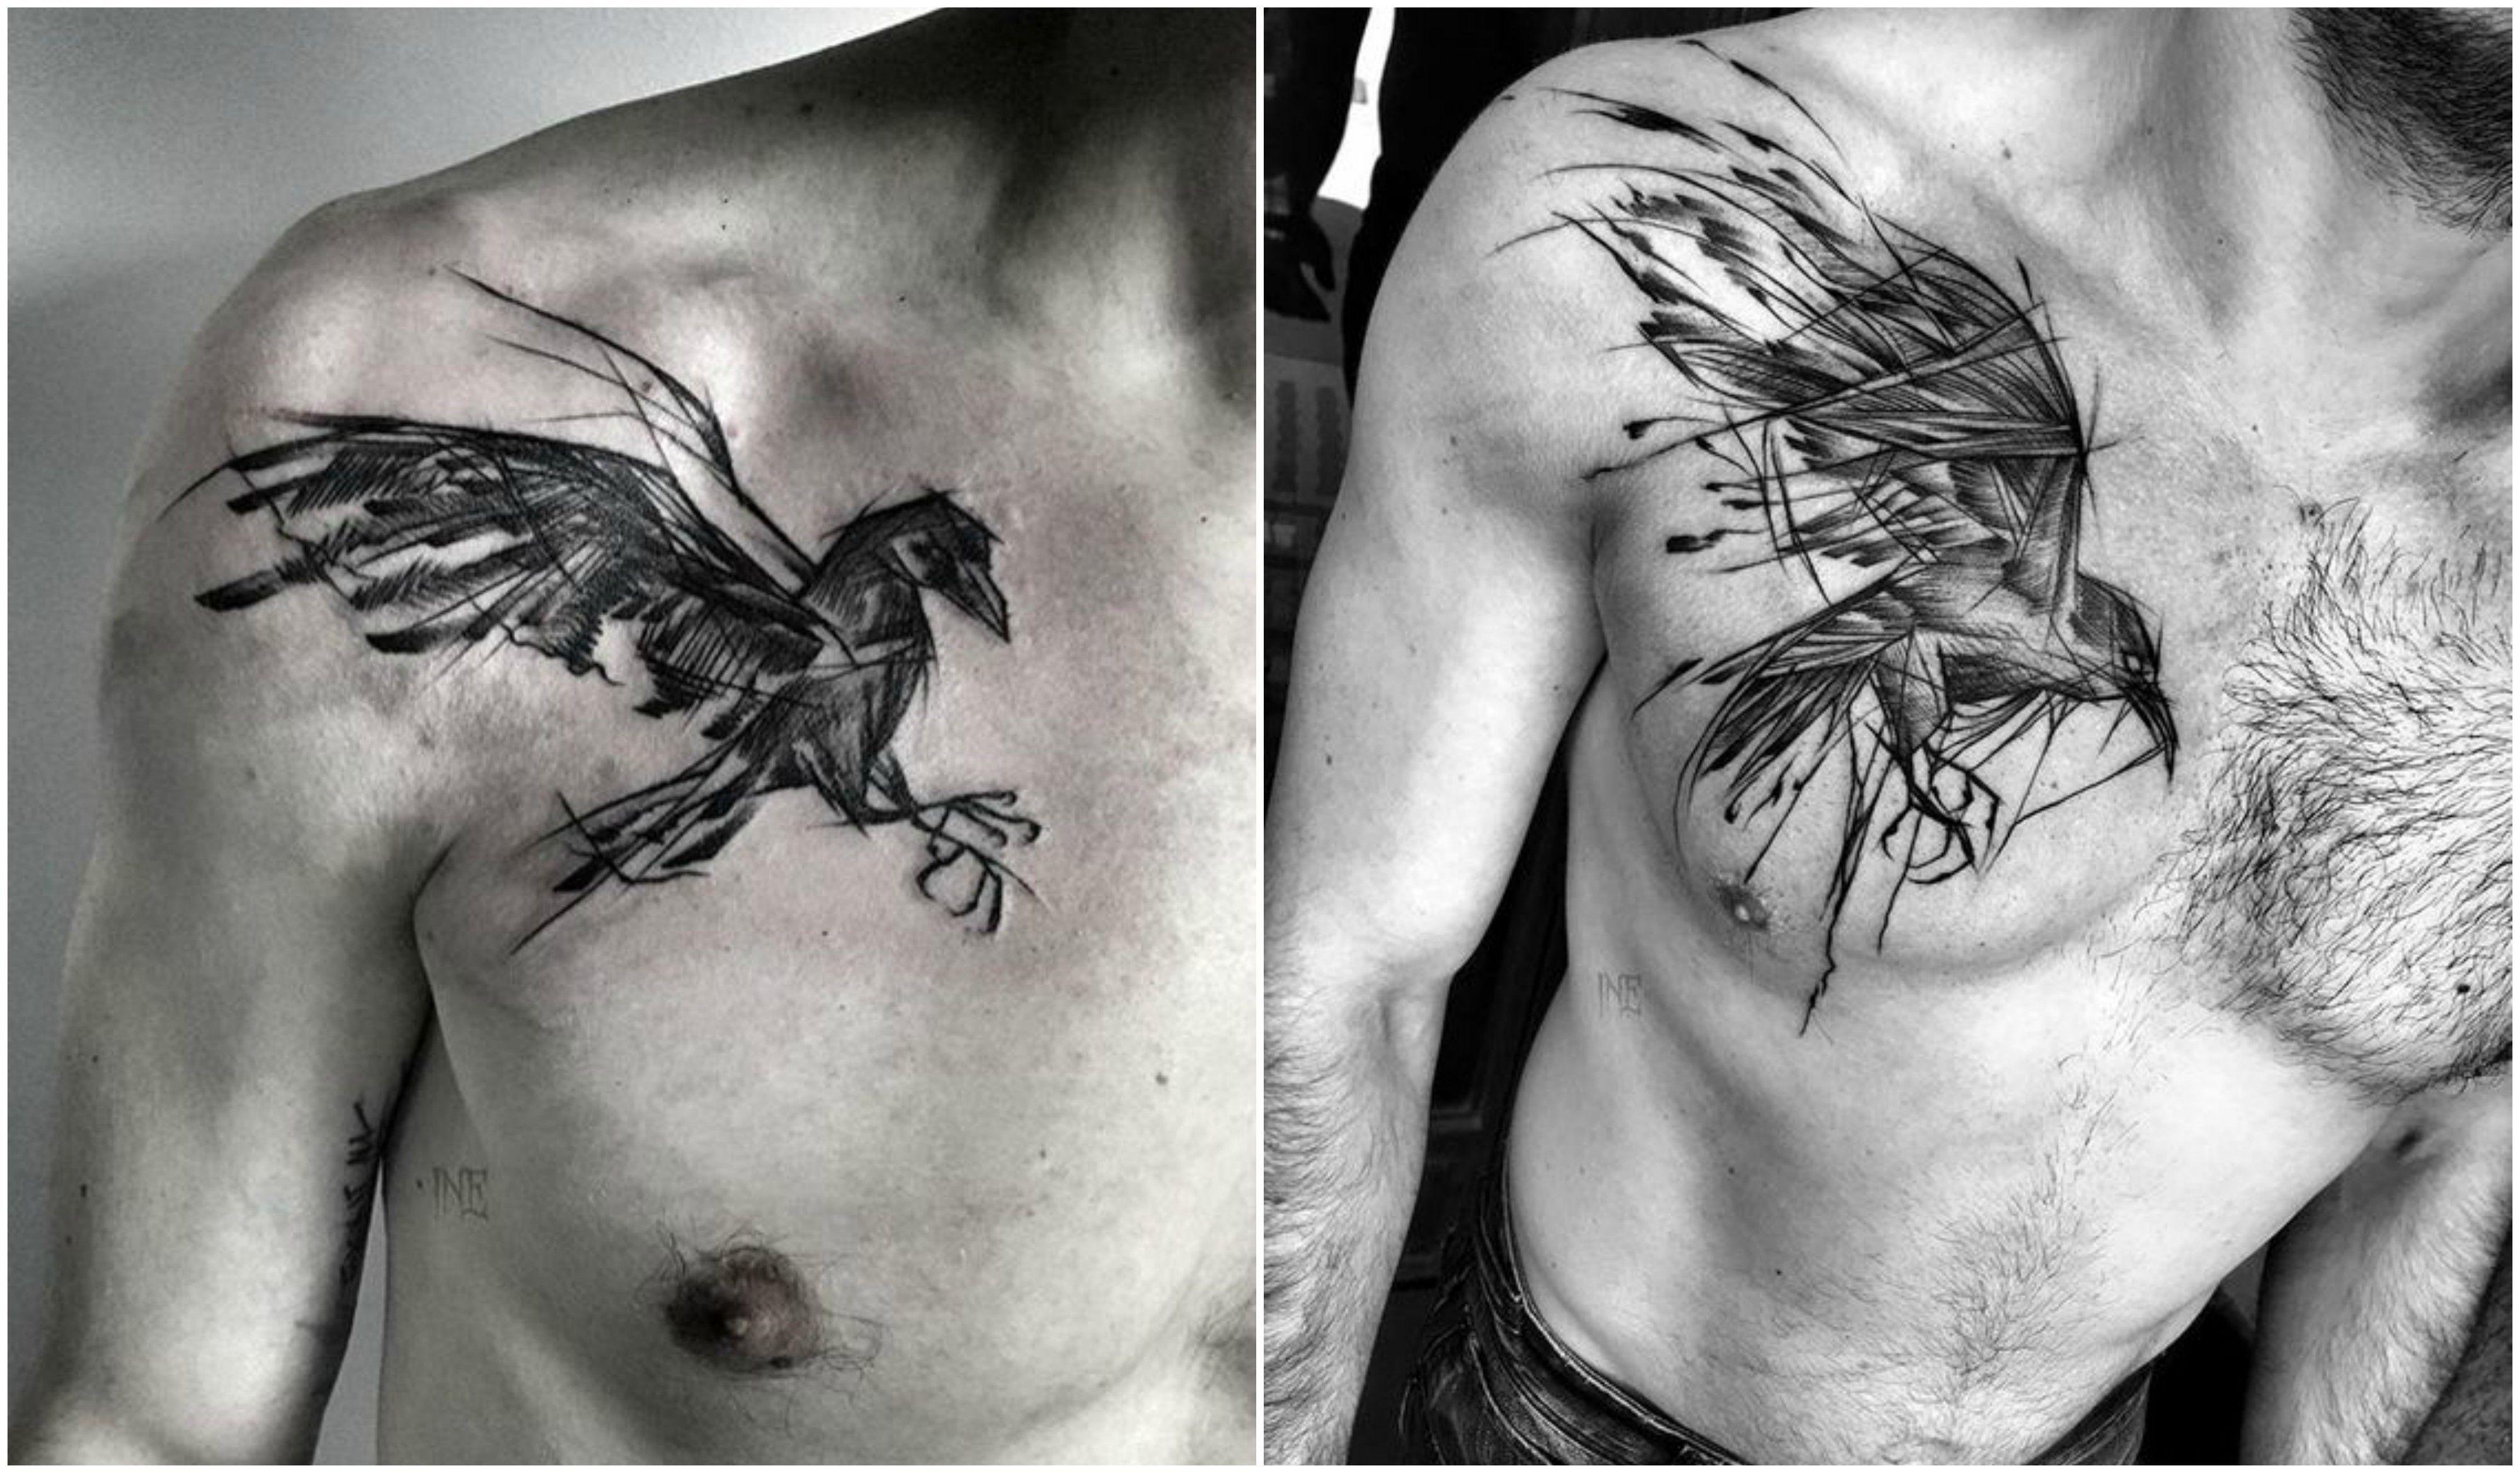 16 Tatuajes De Aves Para Hombres Libres 9 Tatuajes De Aves Disenos De Unas Tatuajes